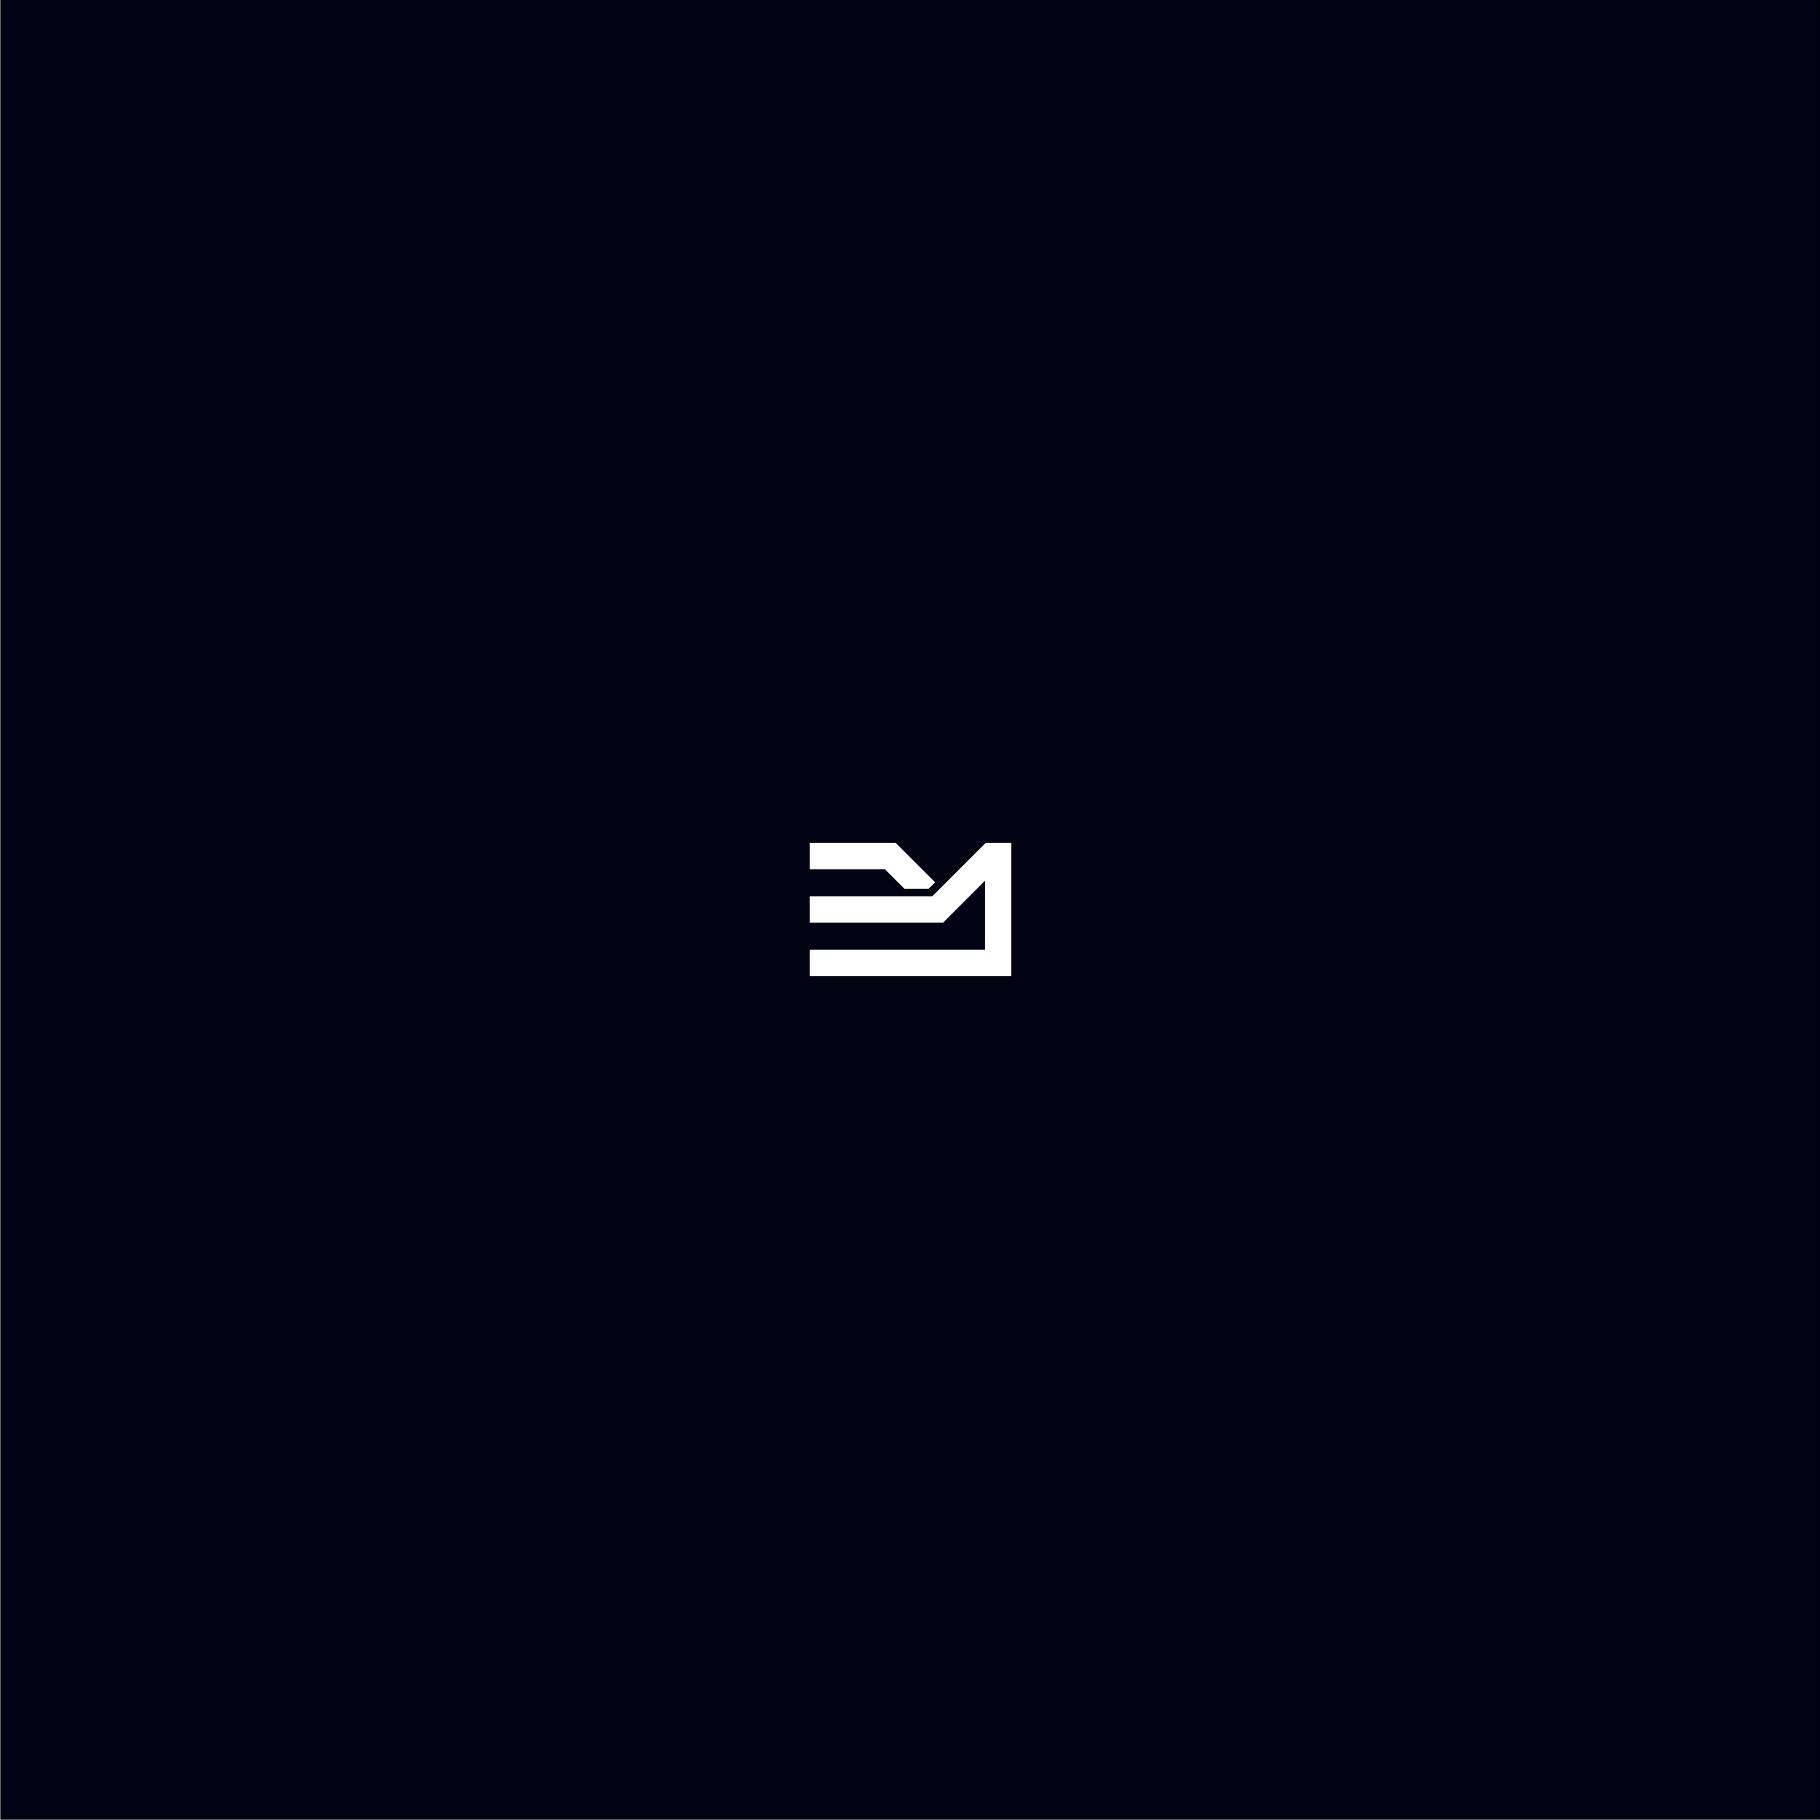 Логотип для новостного сайта  фото f_5225b6c17e6f14f7.png